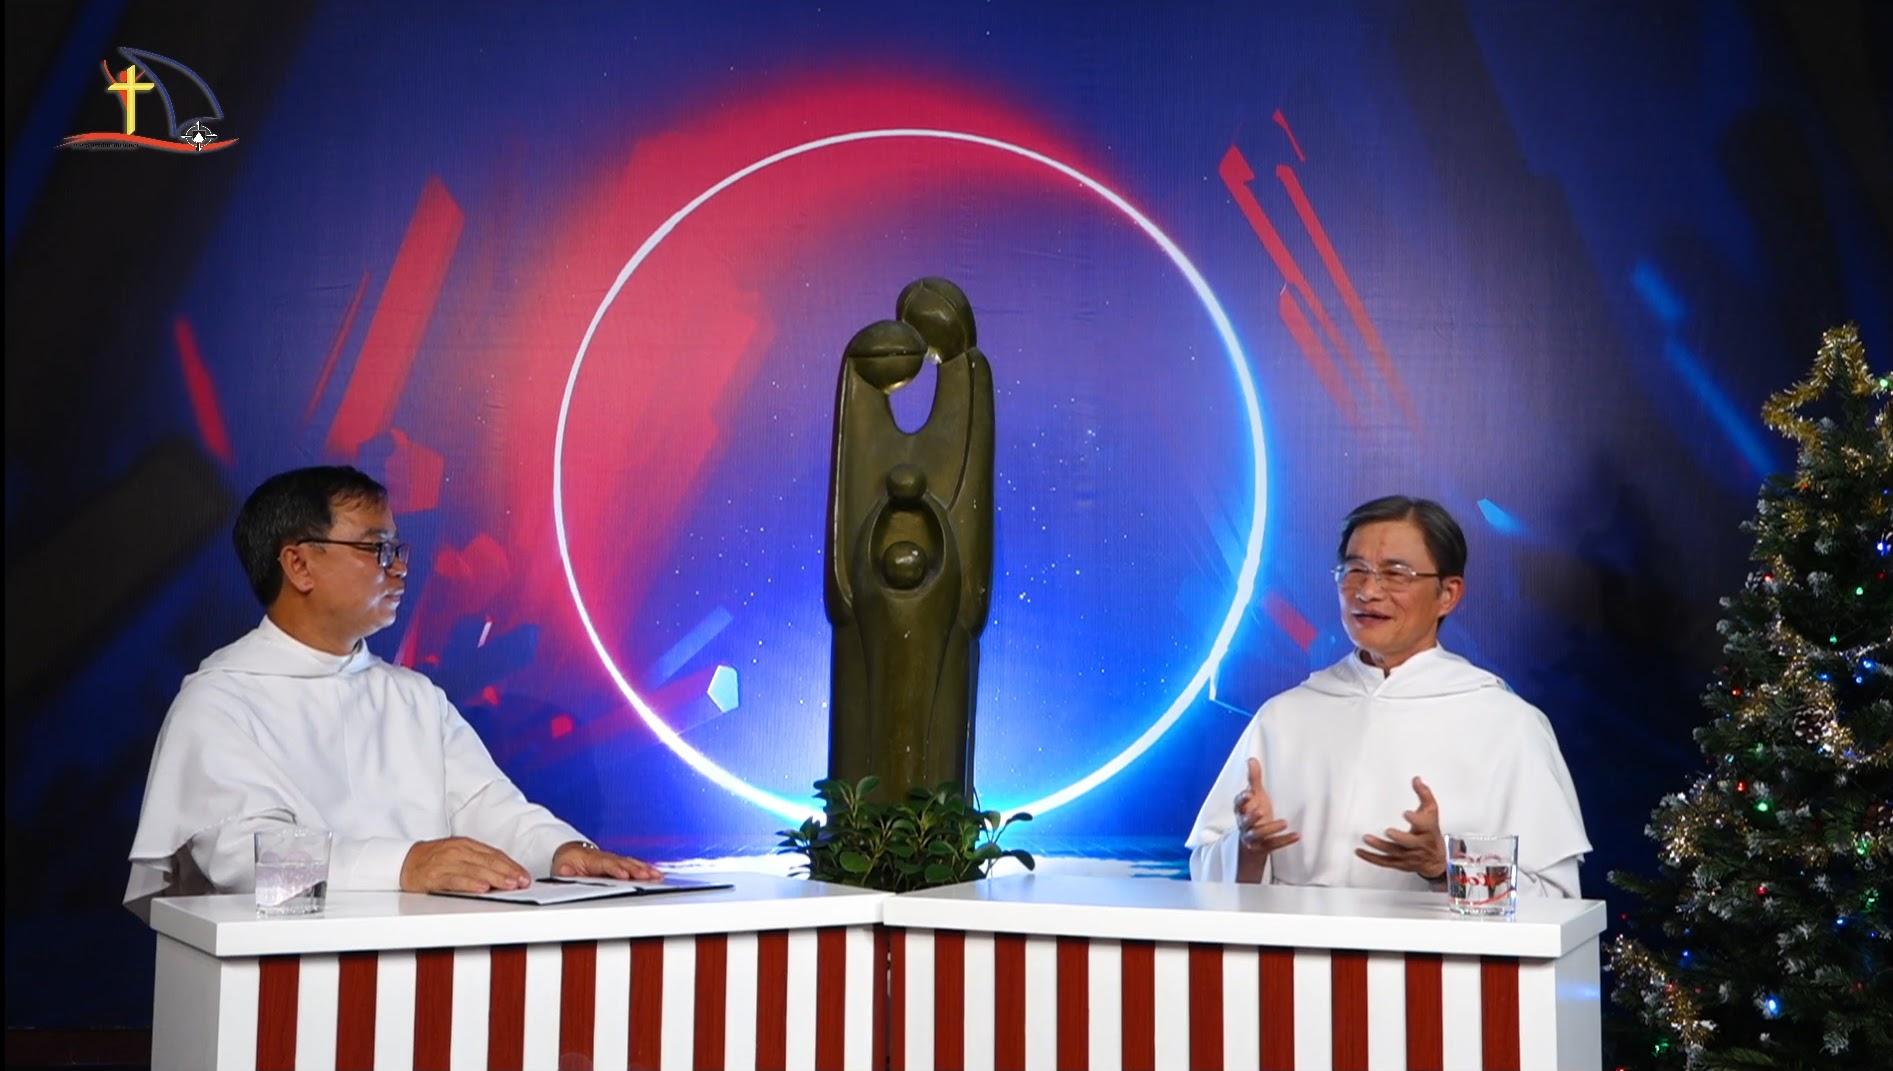 Tọa đàm: Luân lý Phái Tính dưới ánh sáng Lời Chúa & Giáo huấn của Hội thánh